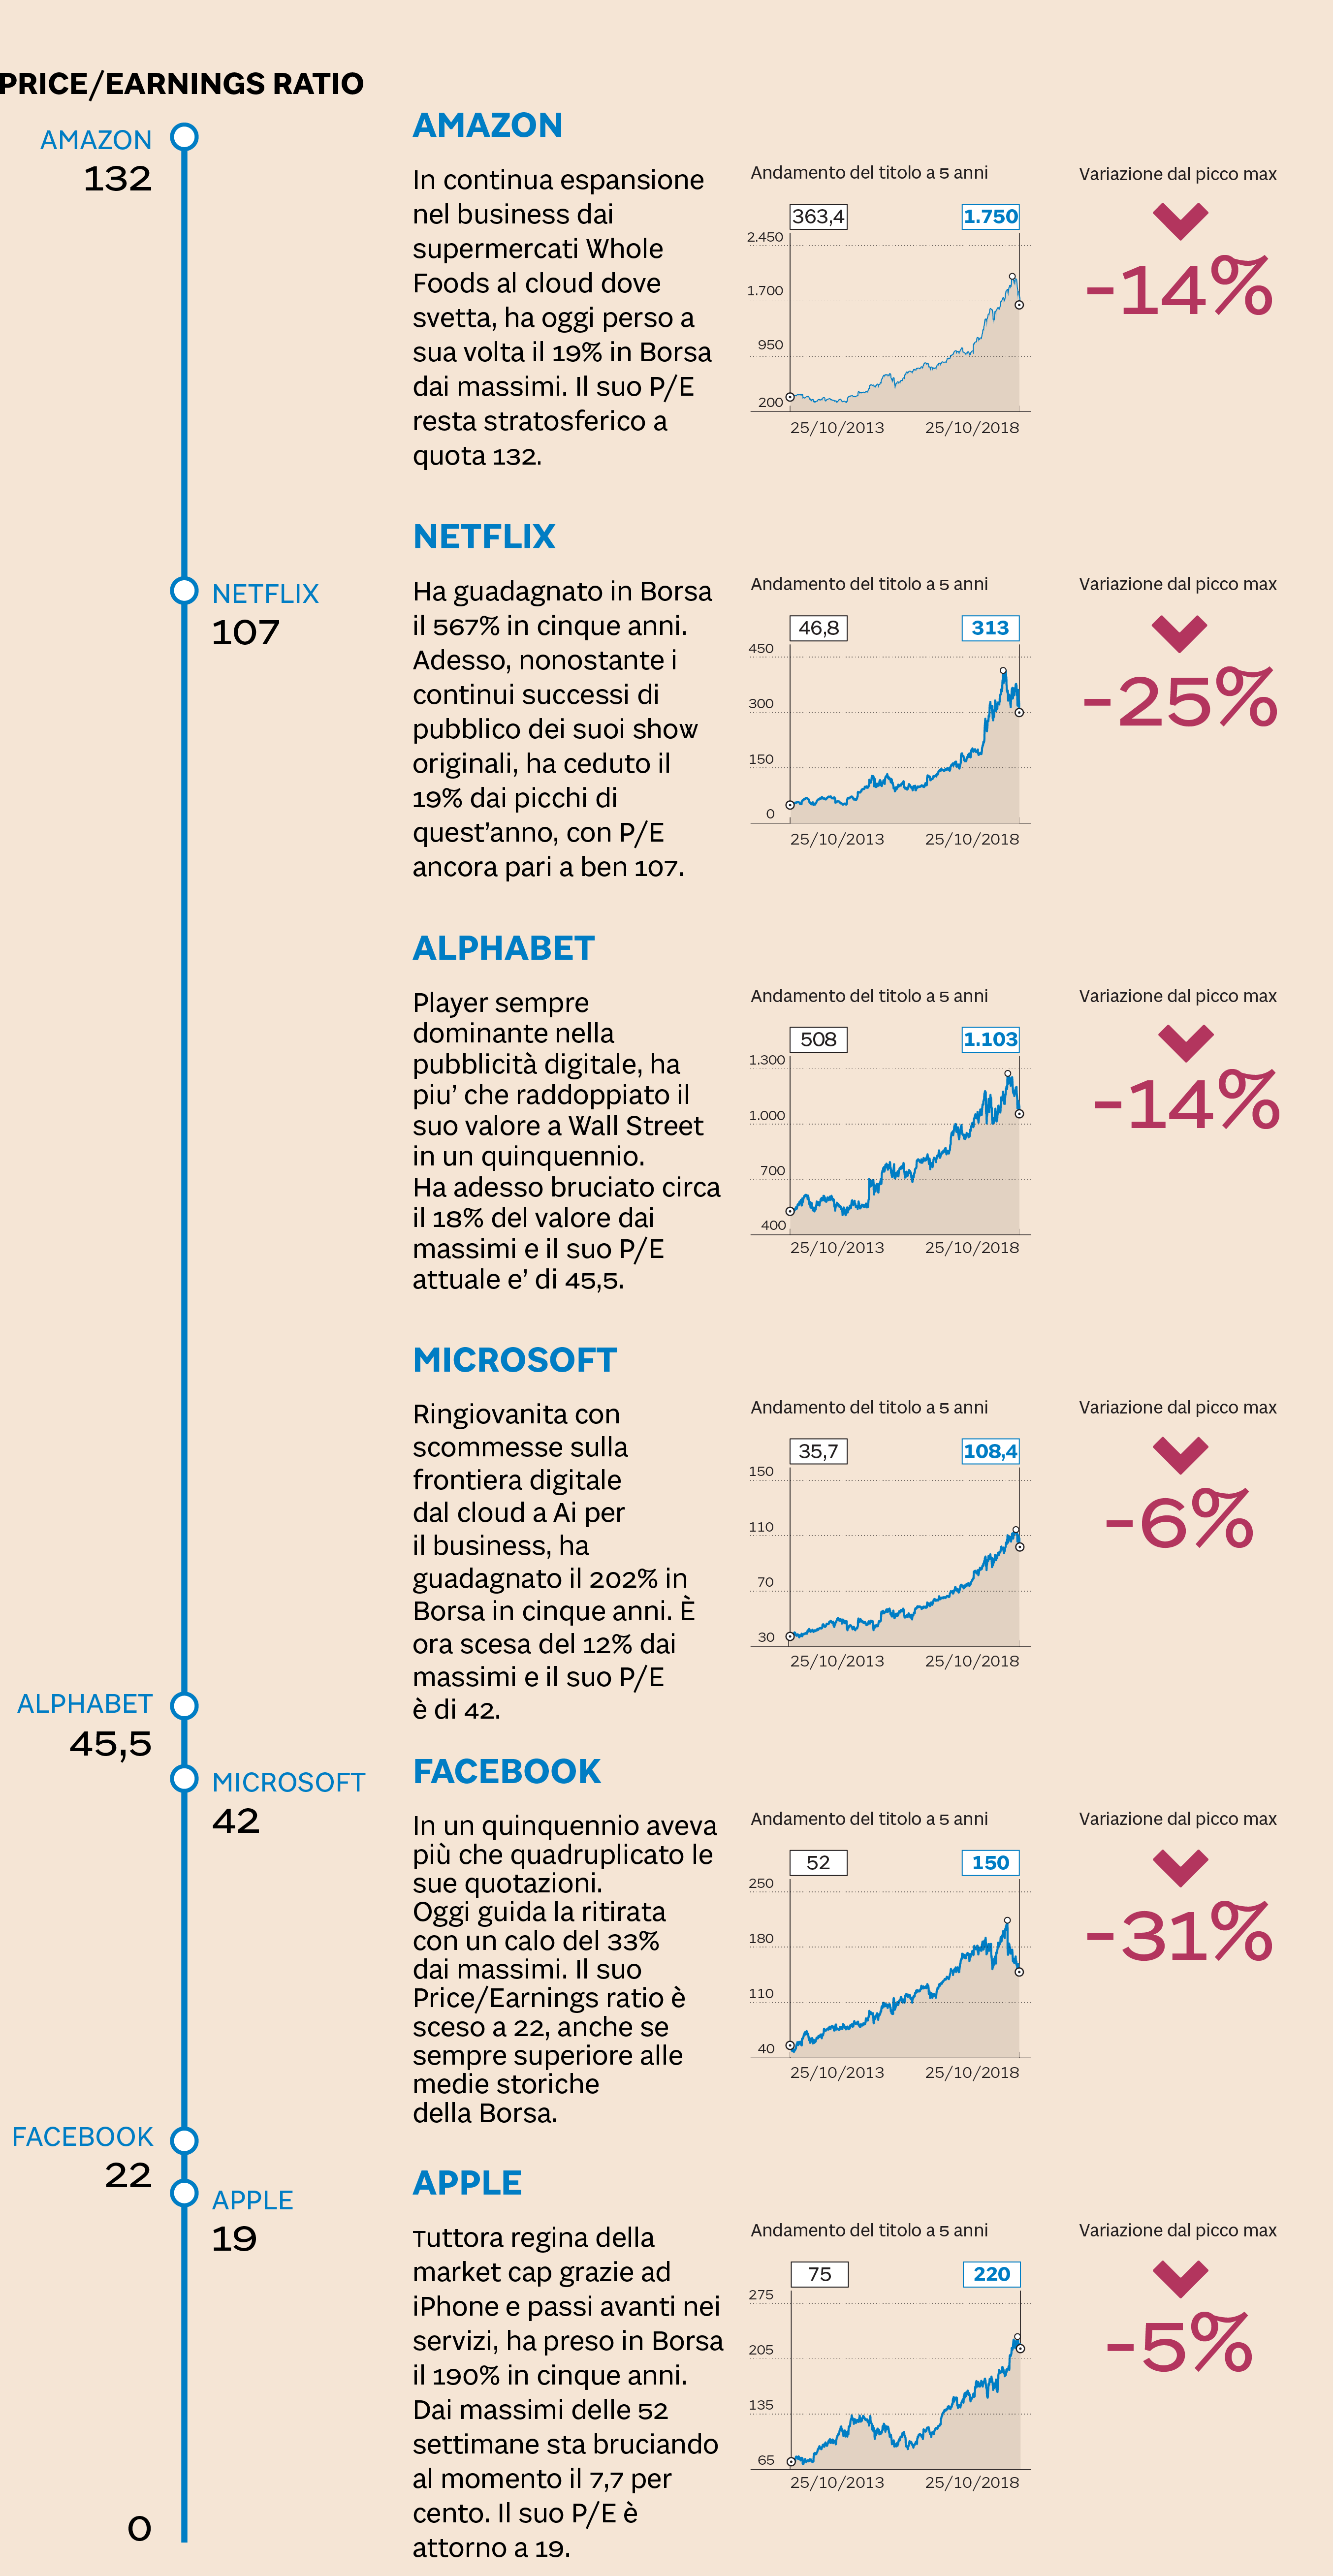 bc19a2b16f Dietro a definizioni e previsioni, ecco in breve - titolo per titolo - le  cifre della paura che erode un gigantesco settore la cui market cap  quest'estate ...